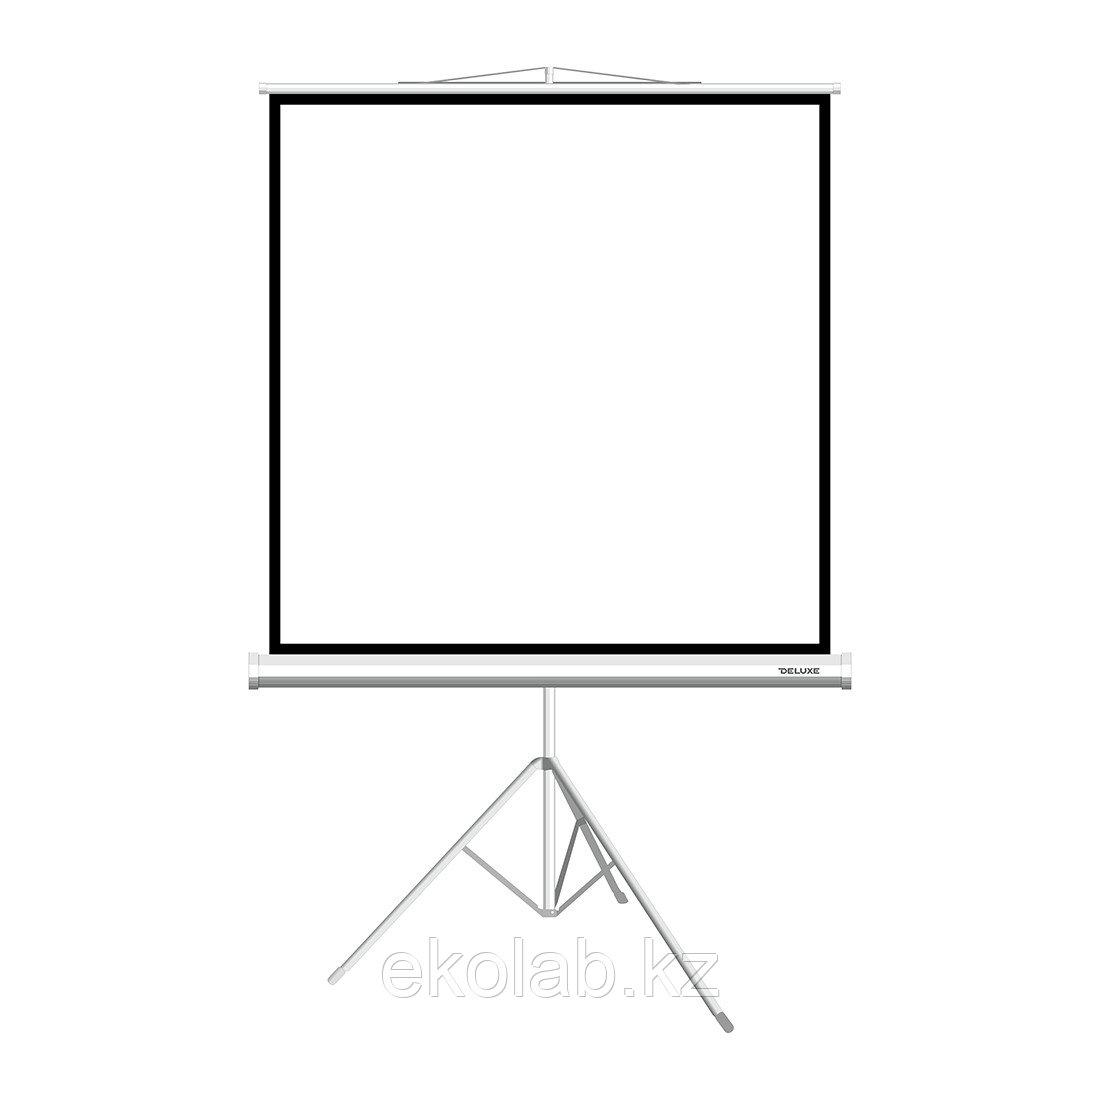 """Экран на треноге Deluxe DLS-T244x183W (96""""х72""""), Ø - 120"""", Раб. поверхность 244х183 см., 1:1"""